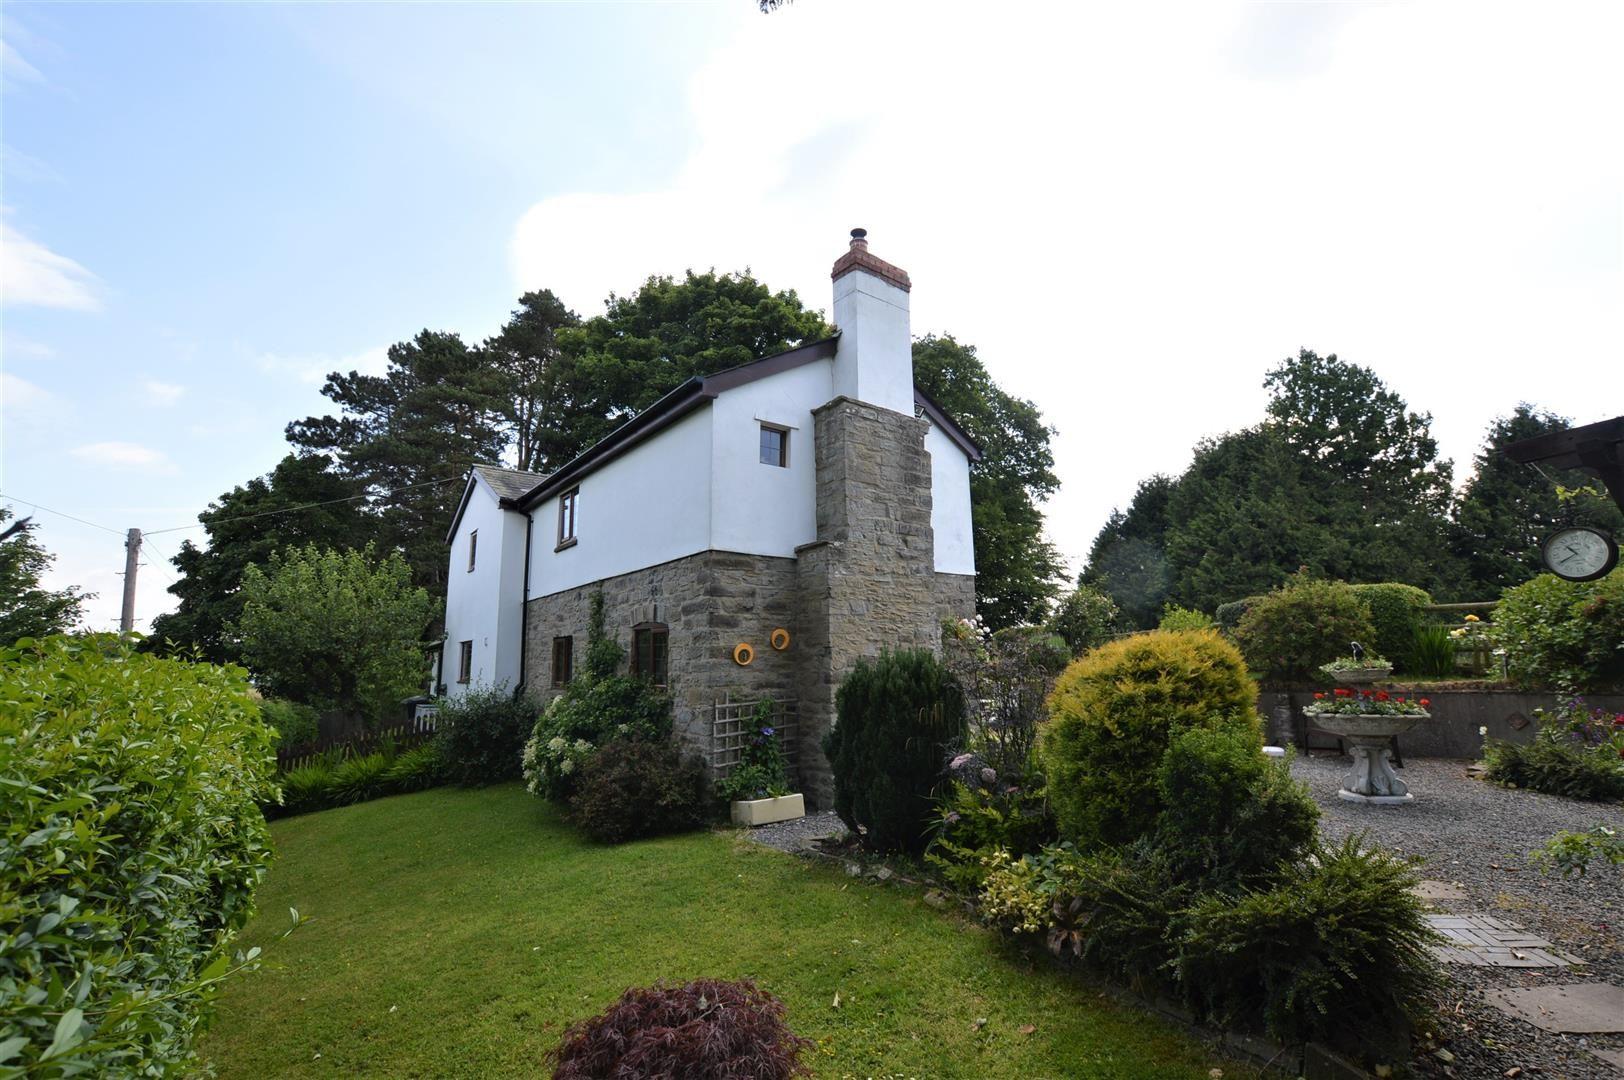 3 bed cottage for sale in Kington, HR5